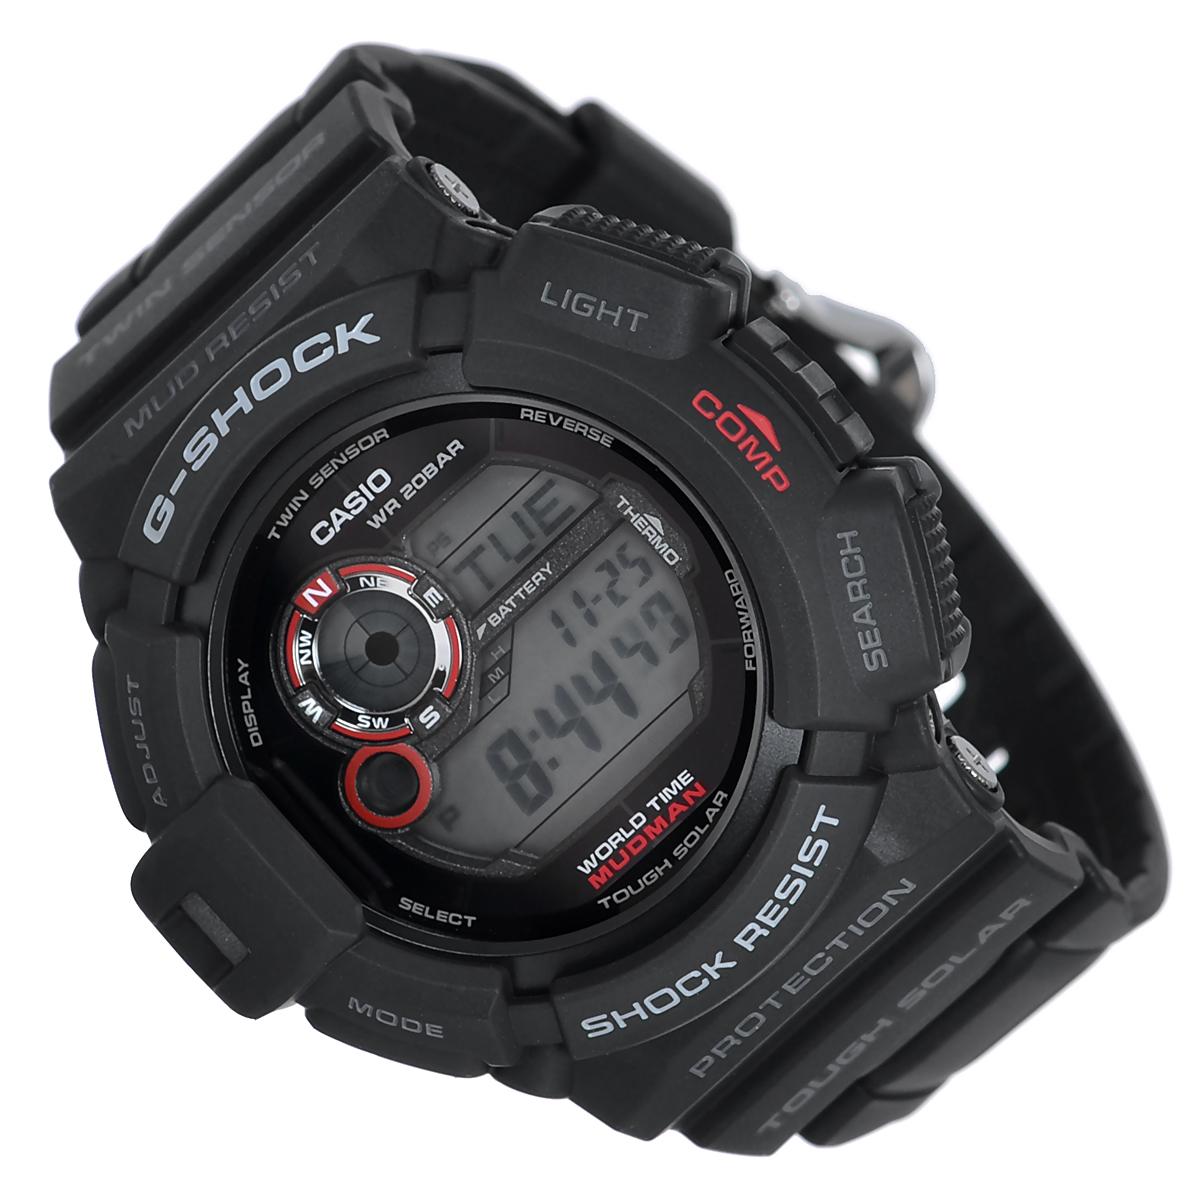 Часы мужские наручные Casio G-Shock, цвет: черный. G-9300-1EG-9300-1EСтильные кварцевые часы G-Shock от японского брэнда Casio - это яркий функциональный аксессуар для современных людей, которые стремятся выделиться из толпы и подчеркнуть свою индивидуальность. Часы выполнены в спортивном стиле. Корпус имеет ударопрочную конструкцию, защищающую механизм от ударов и вибрации. Циферблат подсвечивается электролюминесцентной подсветкой. Подсветка активируется при недостаточном свете и выключается, когда освещения достаточно. Ремешок из пластика имеет классическую застежку. Основные функции: -5 будильников, один с функцией Snooze, ежечасный сигнал; -автоматический календарь (число, месяц, день недели, год); -секундомер с точностью показаний 1/100 с и временем измерения 1000 ч; -мировое время; -таймер обратного отсчета от 1 мин до 24 ч с автоповтором; -12-ти и 24-х часовой формат времени;-защита от попадания внутрь пыли и грязи; -функция автоматического сохранения энергии (отключает LCD дисплей); -встроенный цифровой компас;-отображение возраста и фазы луны; -встроенный датчик температуры от -10° до +60°С с точностью 0,1°C;-функция включения/отключения звука. Питание от солнечной энергии. Время работы аккумулятора без подзарядки - 8 месяцев, при включенной функции сохранения энергии - 23 месяцев. Часы упакованы в фирменную коробку с логотипом Casio. Такой аксессуар добавит вашему образу стиля и подчеркнет безупречный вкус своего владельца.Характеристики: Диаметр циферблата: 3 см.Размер корпуса: 5,3 см х 5,1 см х 1,8 см.Длина ремешка (с корпусом): 25,5 см.Ширина ремешка: 2 см. STAINLESS STELL BACK MADE IN THAILAND Y.